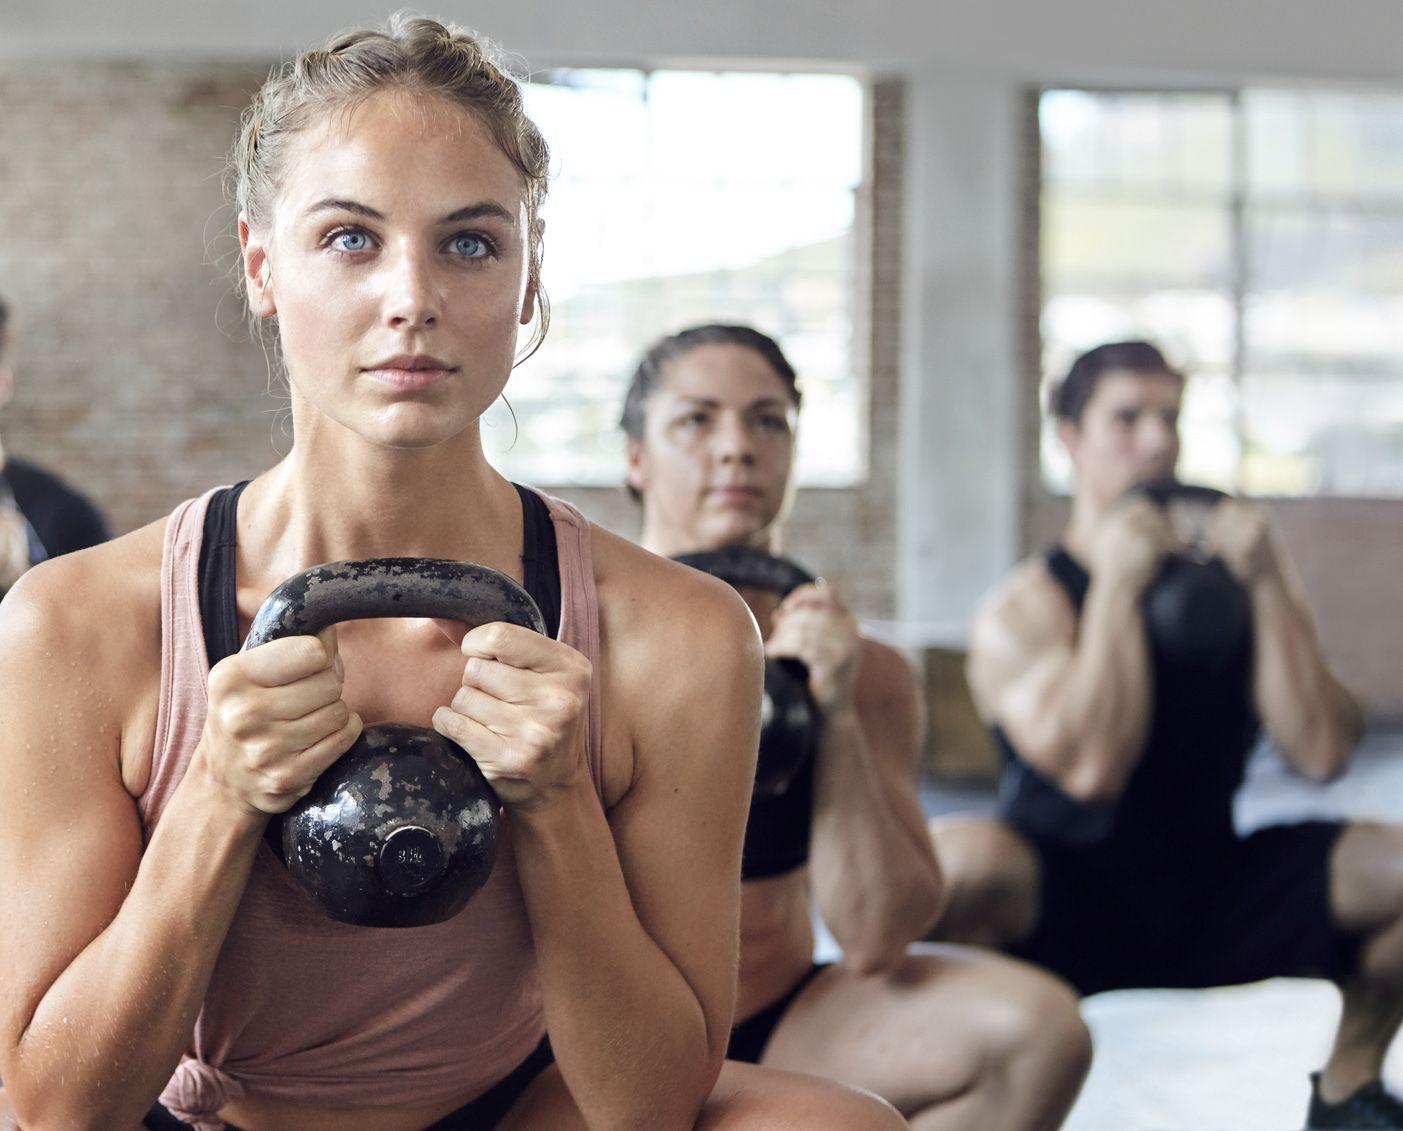 Αποκτήστε Υγεία και Ευεξία με τη Γυμναστική